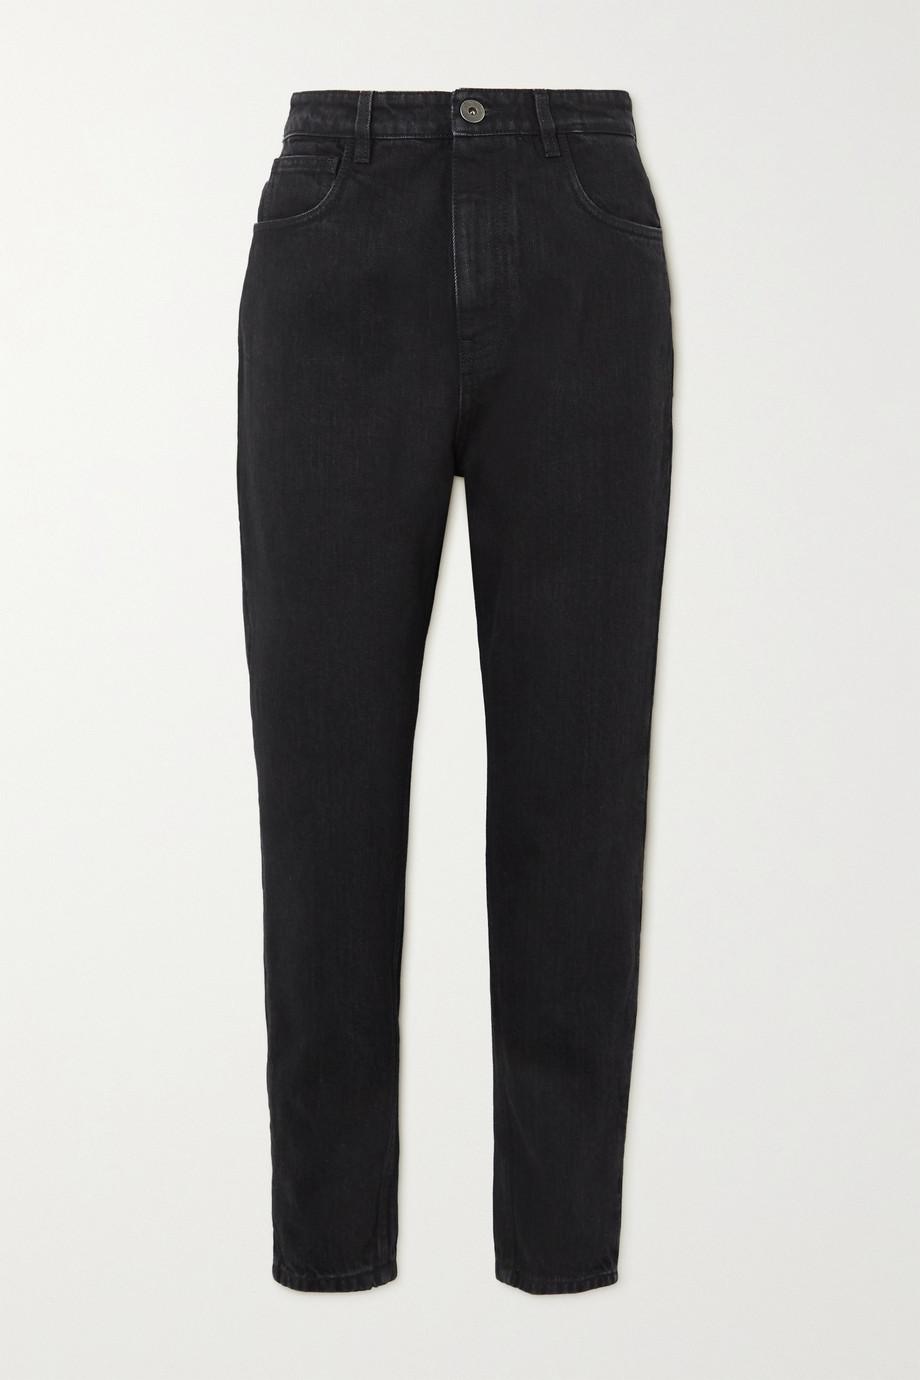 Prada Appliquéd cropped high-rise straight-leg jeans